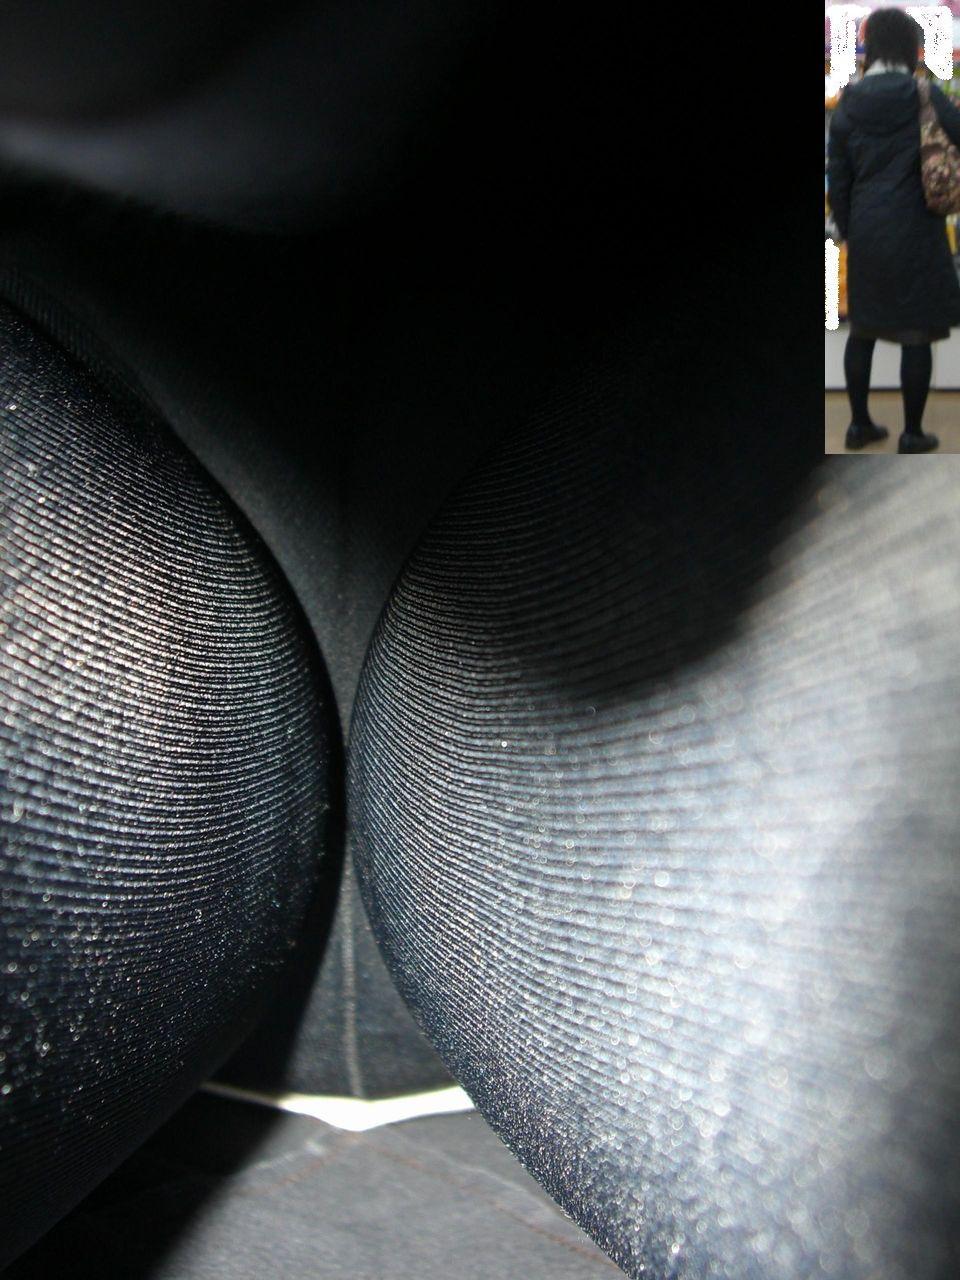 トレンチコートのOLタイトスカート逆さ盗撮画像11枚目